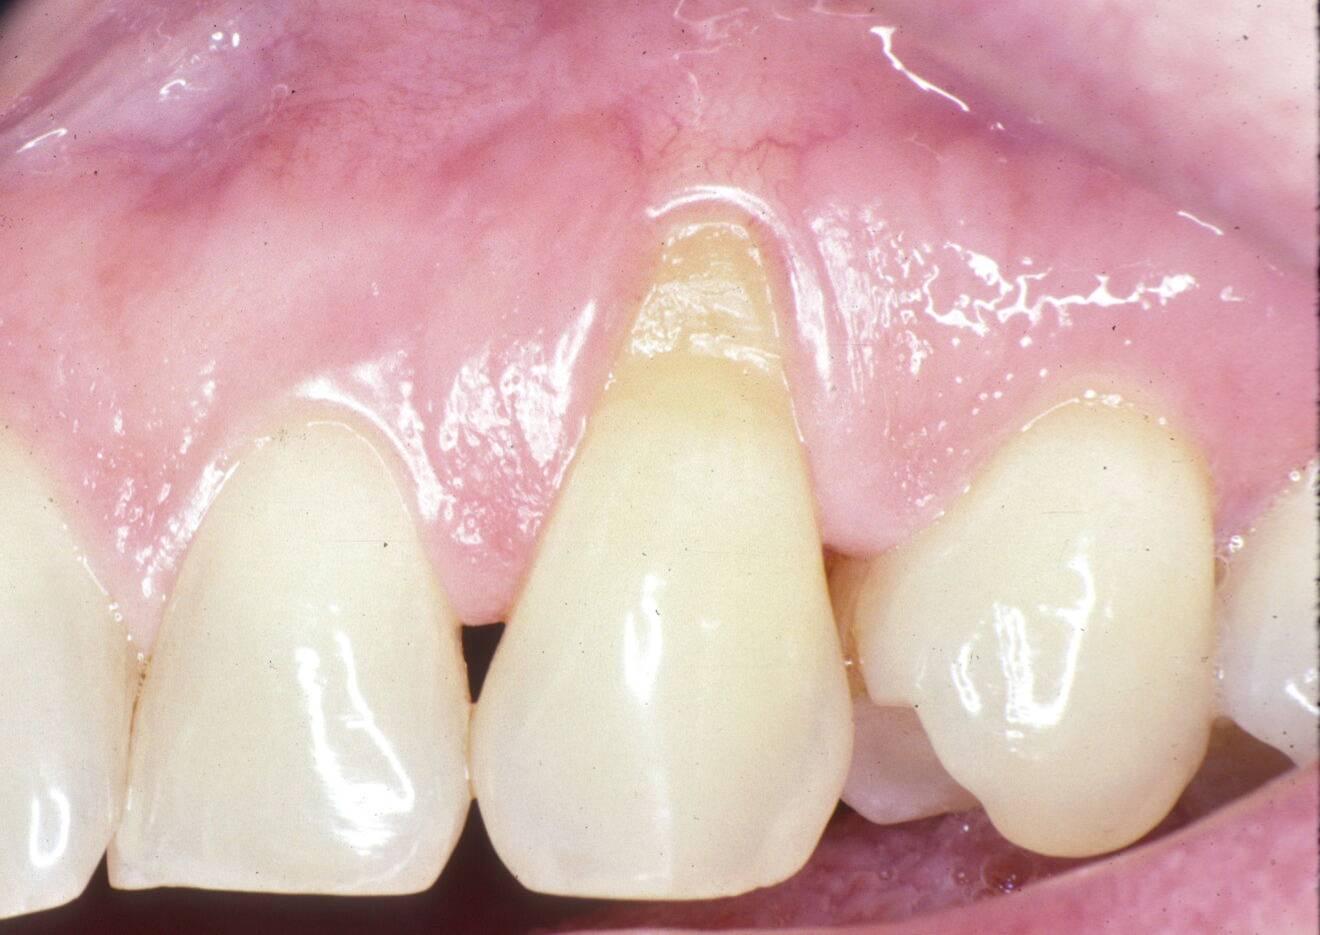 рецессия десны в области клыка на врехней челюсти